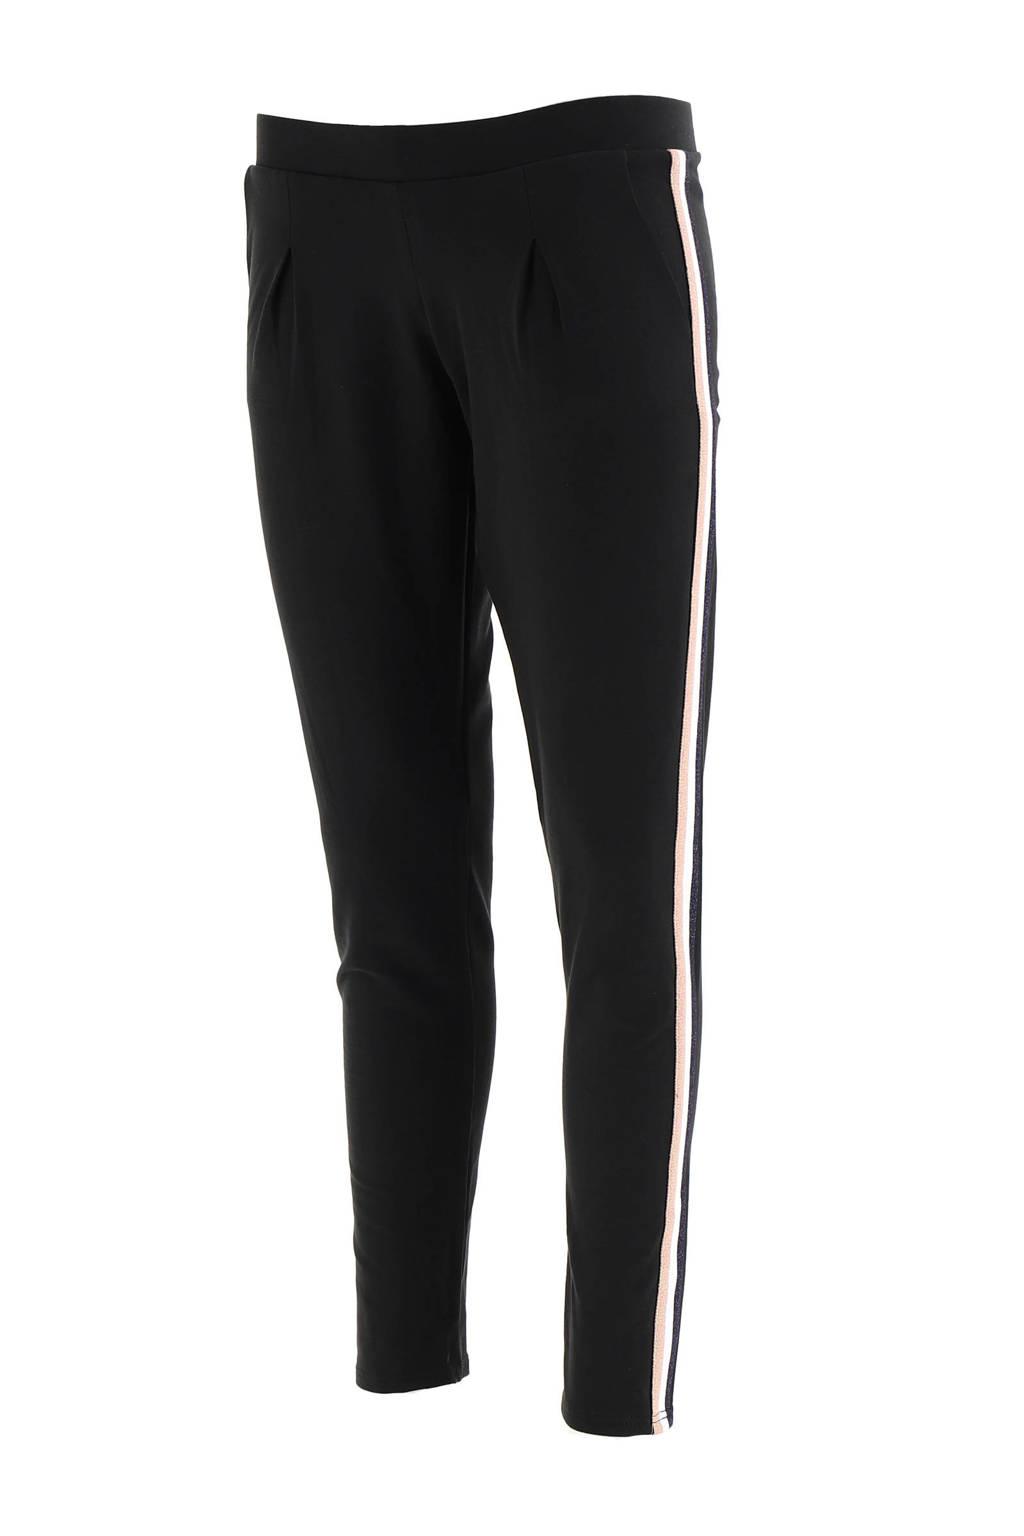 Oroblu straight fit legging zwart, Zwart